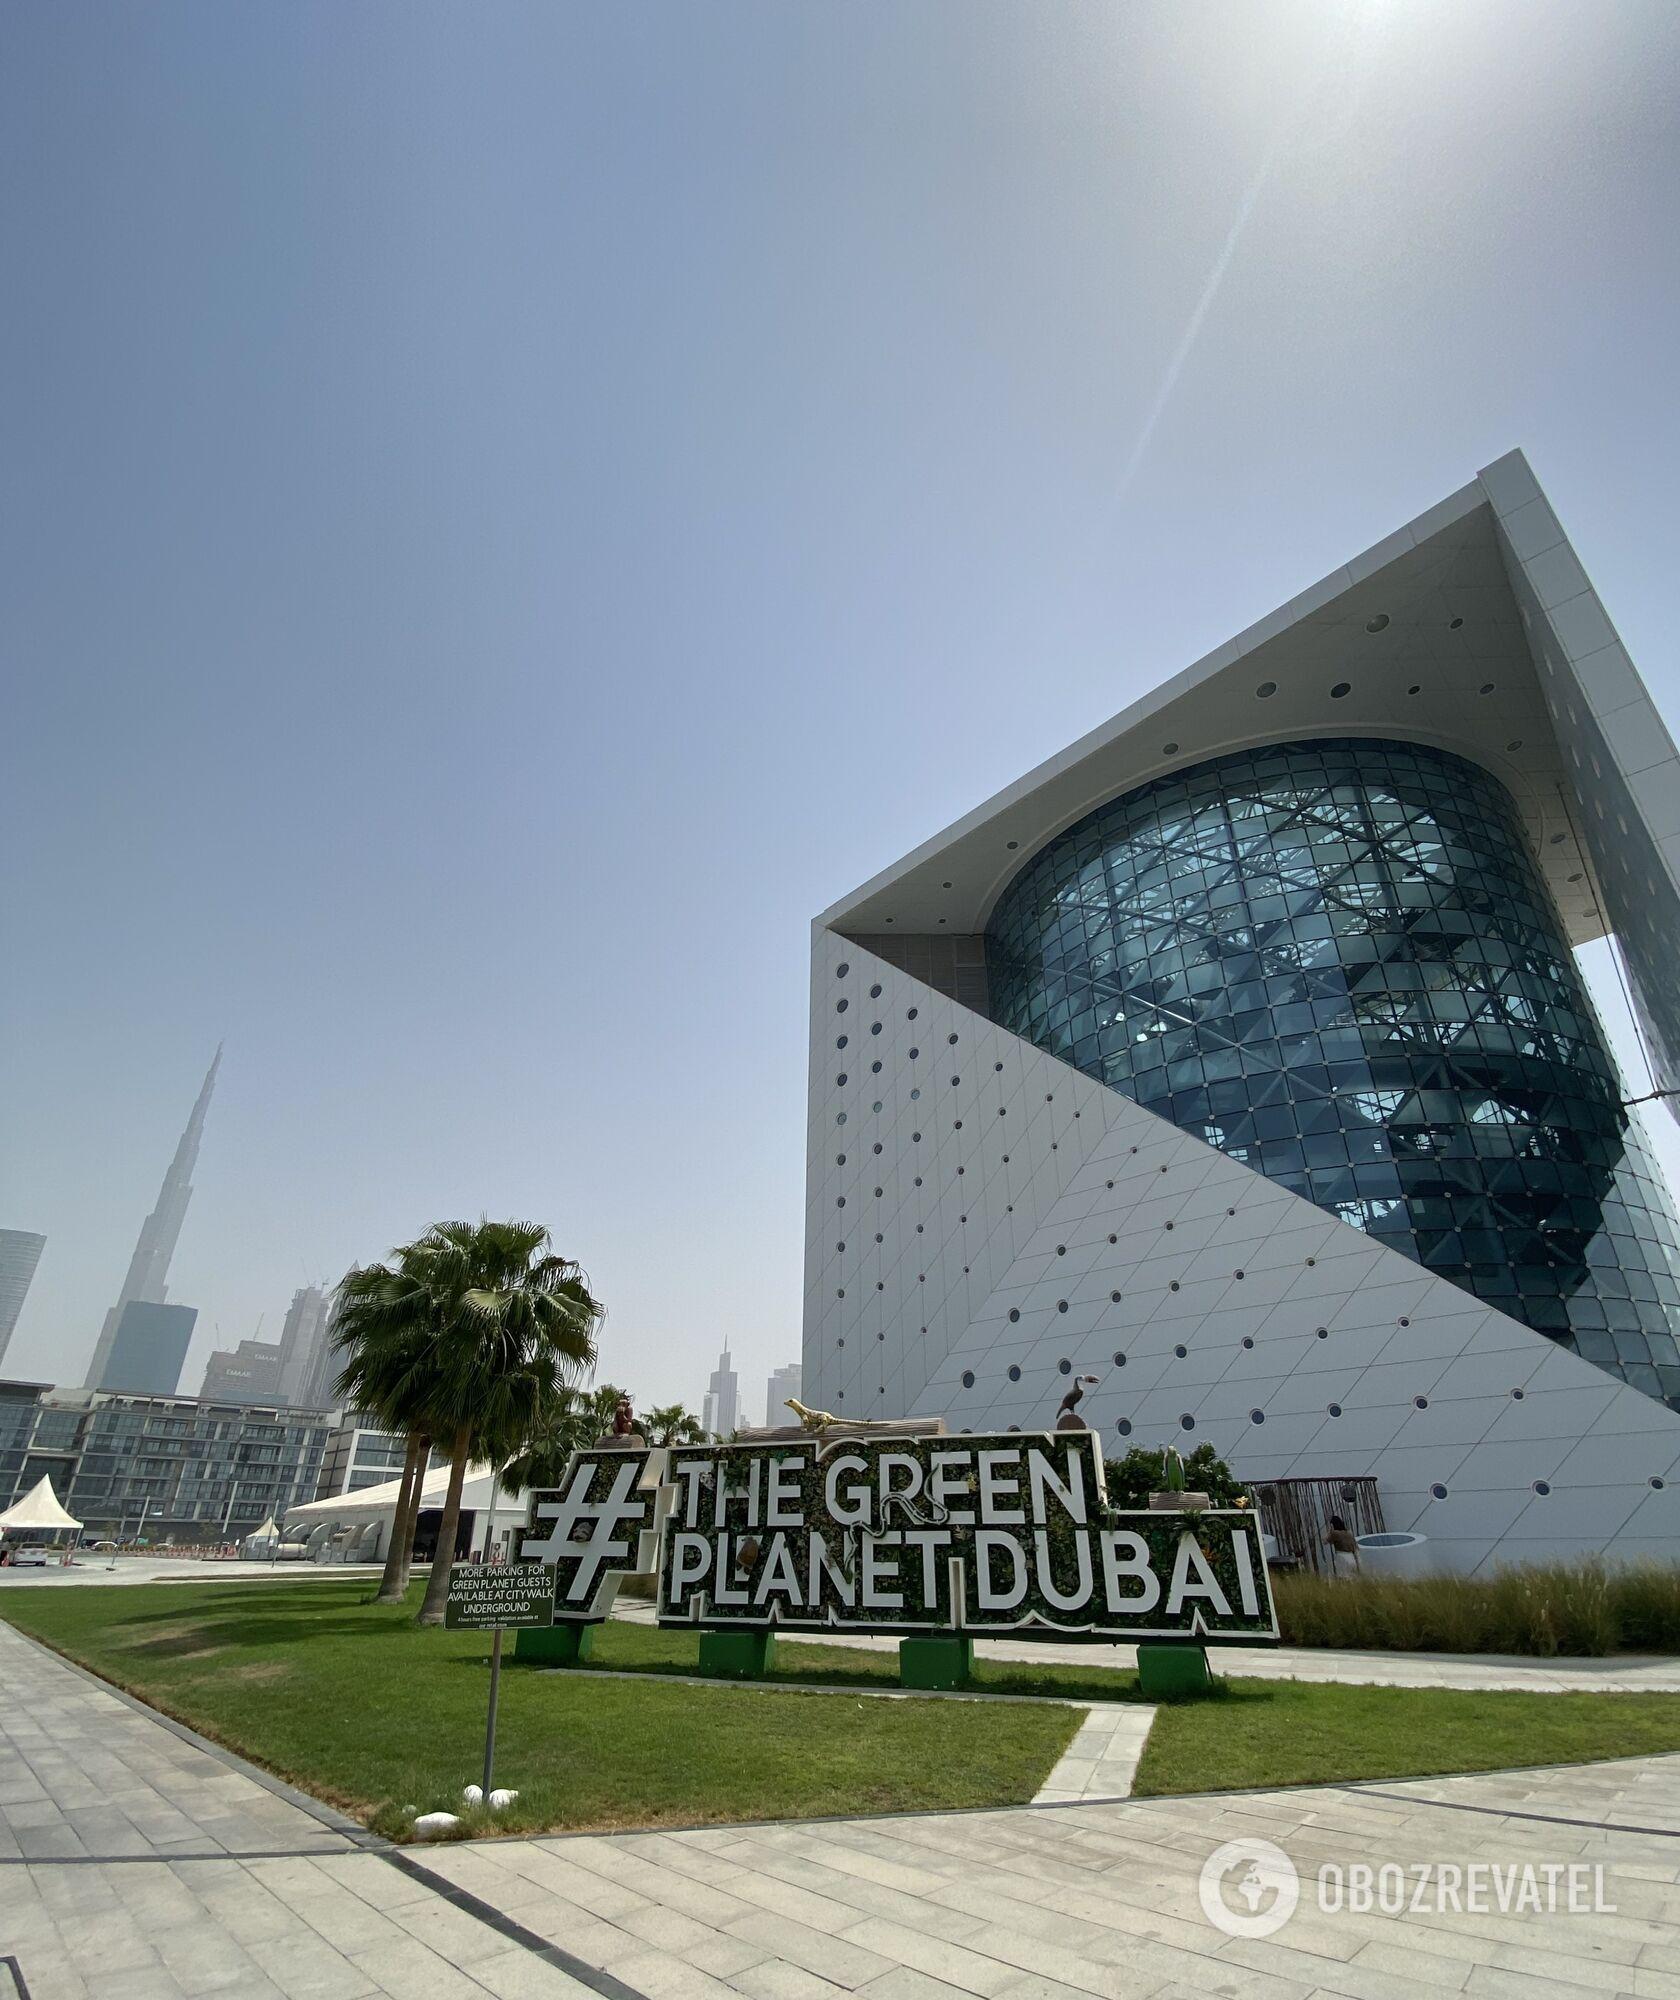 Здание The Green Planet Dubai.